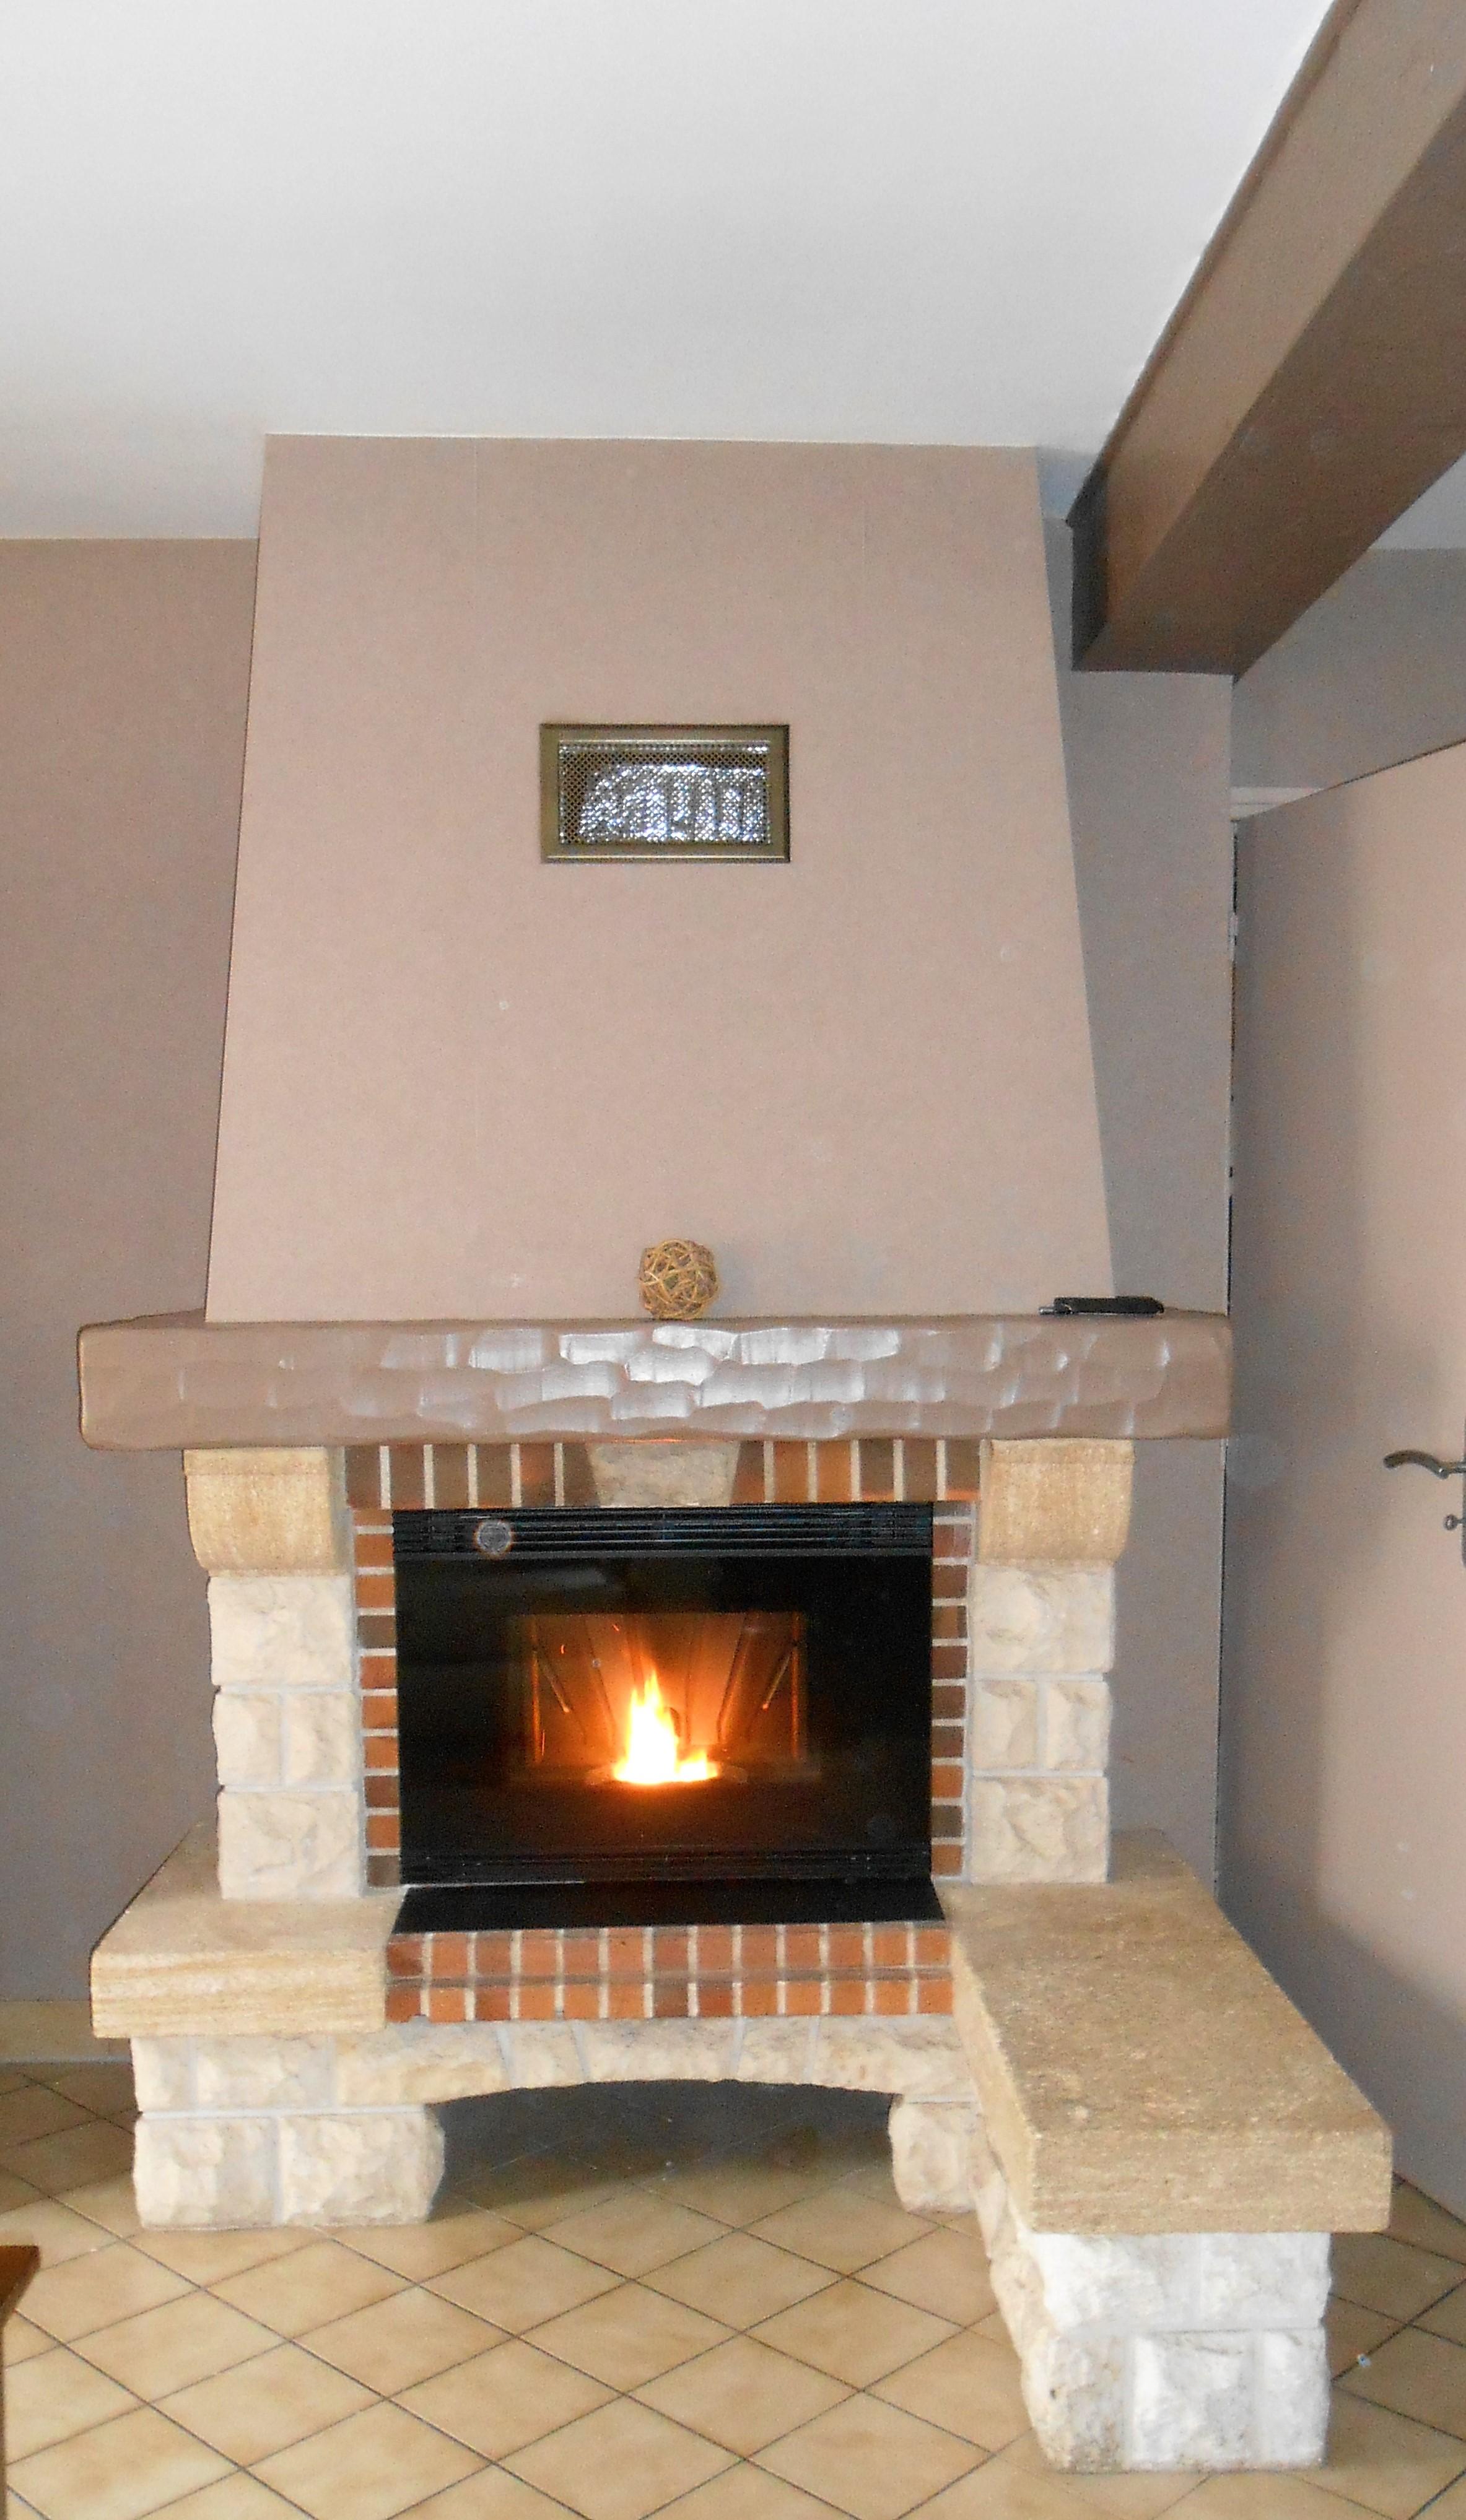 Photo renovation cheminée, JOTUL Brive Cheminées, JOTUL PC 1200, cassette à granulés